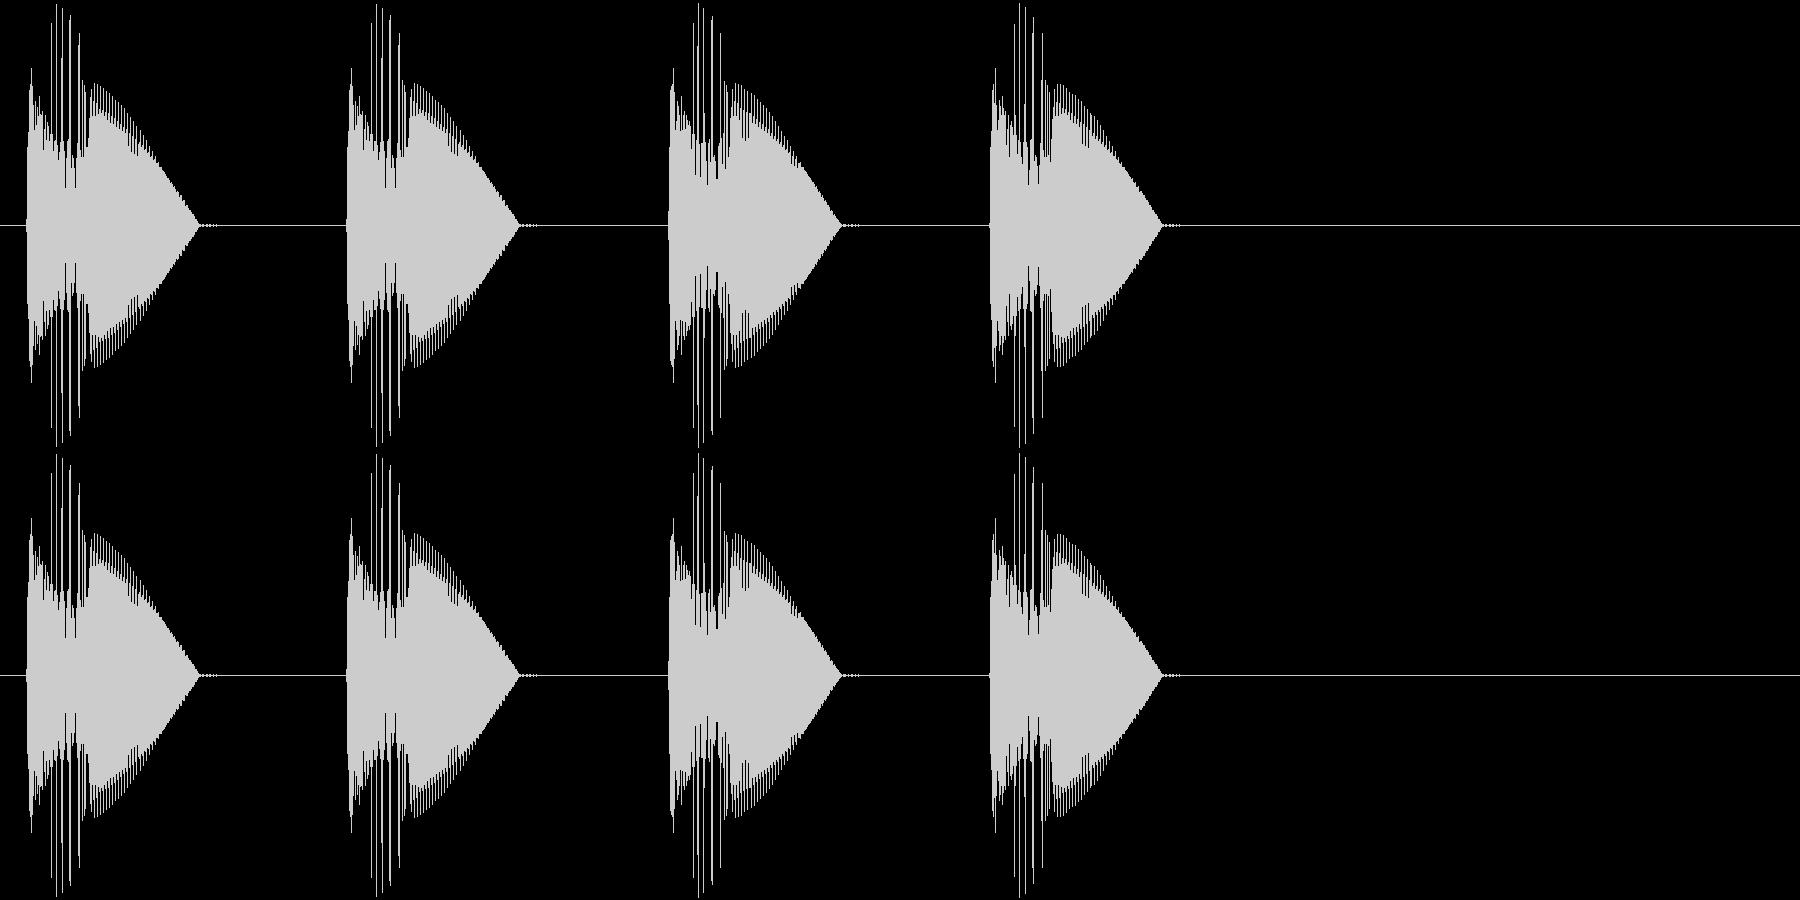 警告・警報・サイレン・ブザー#4の未再生の波形